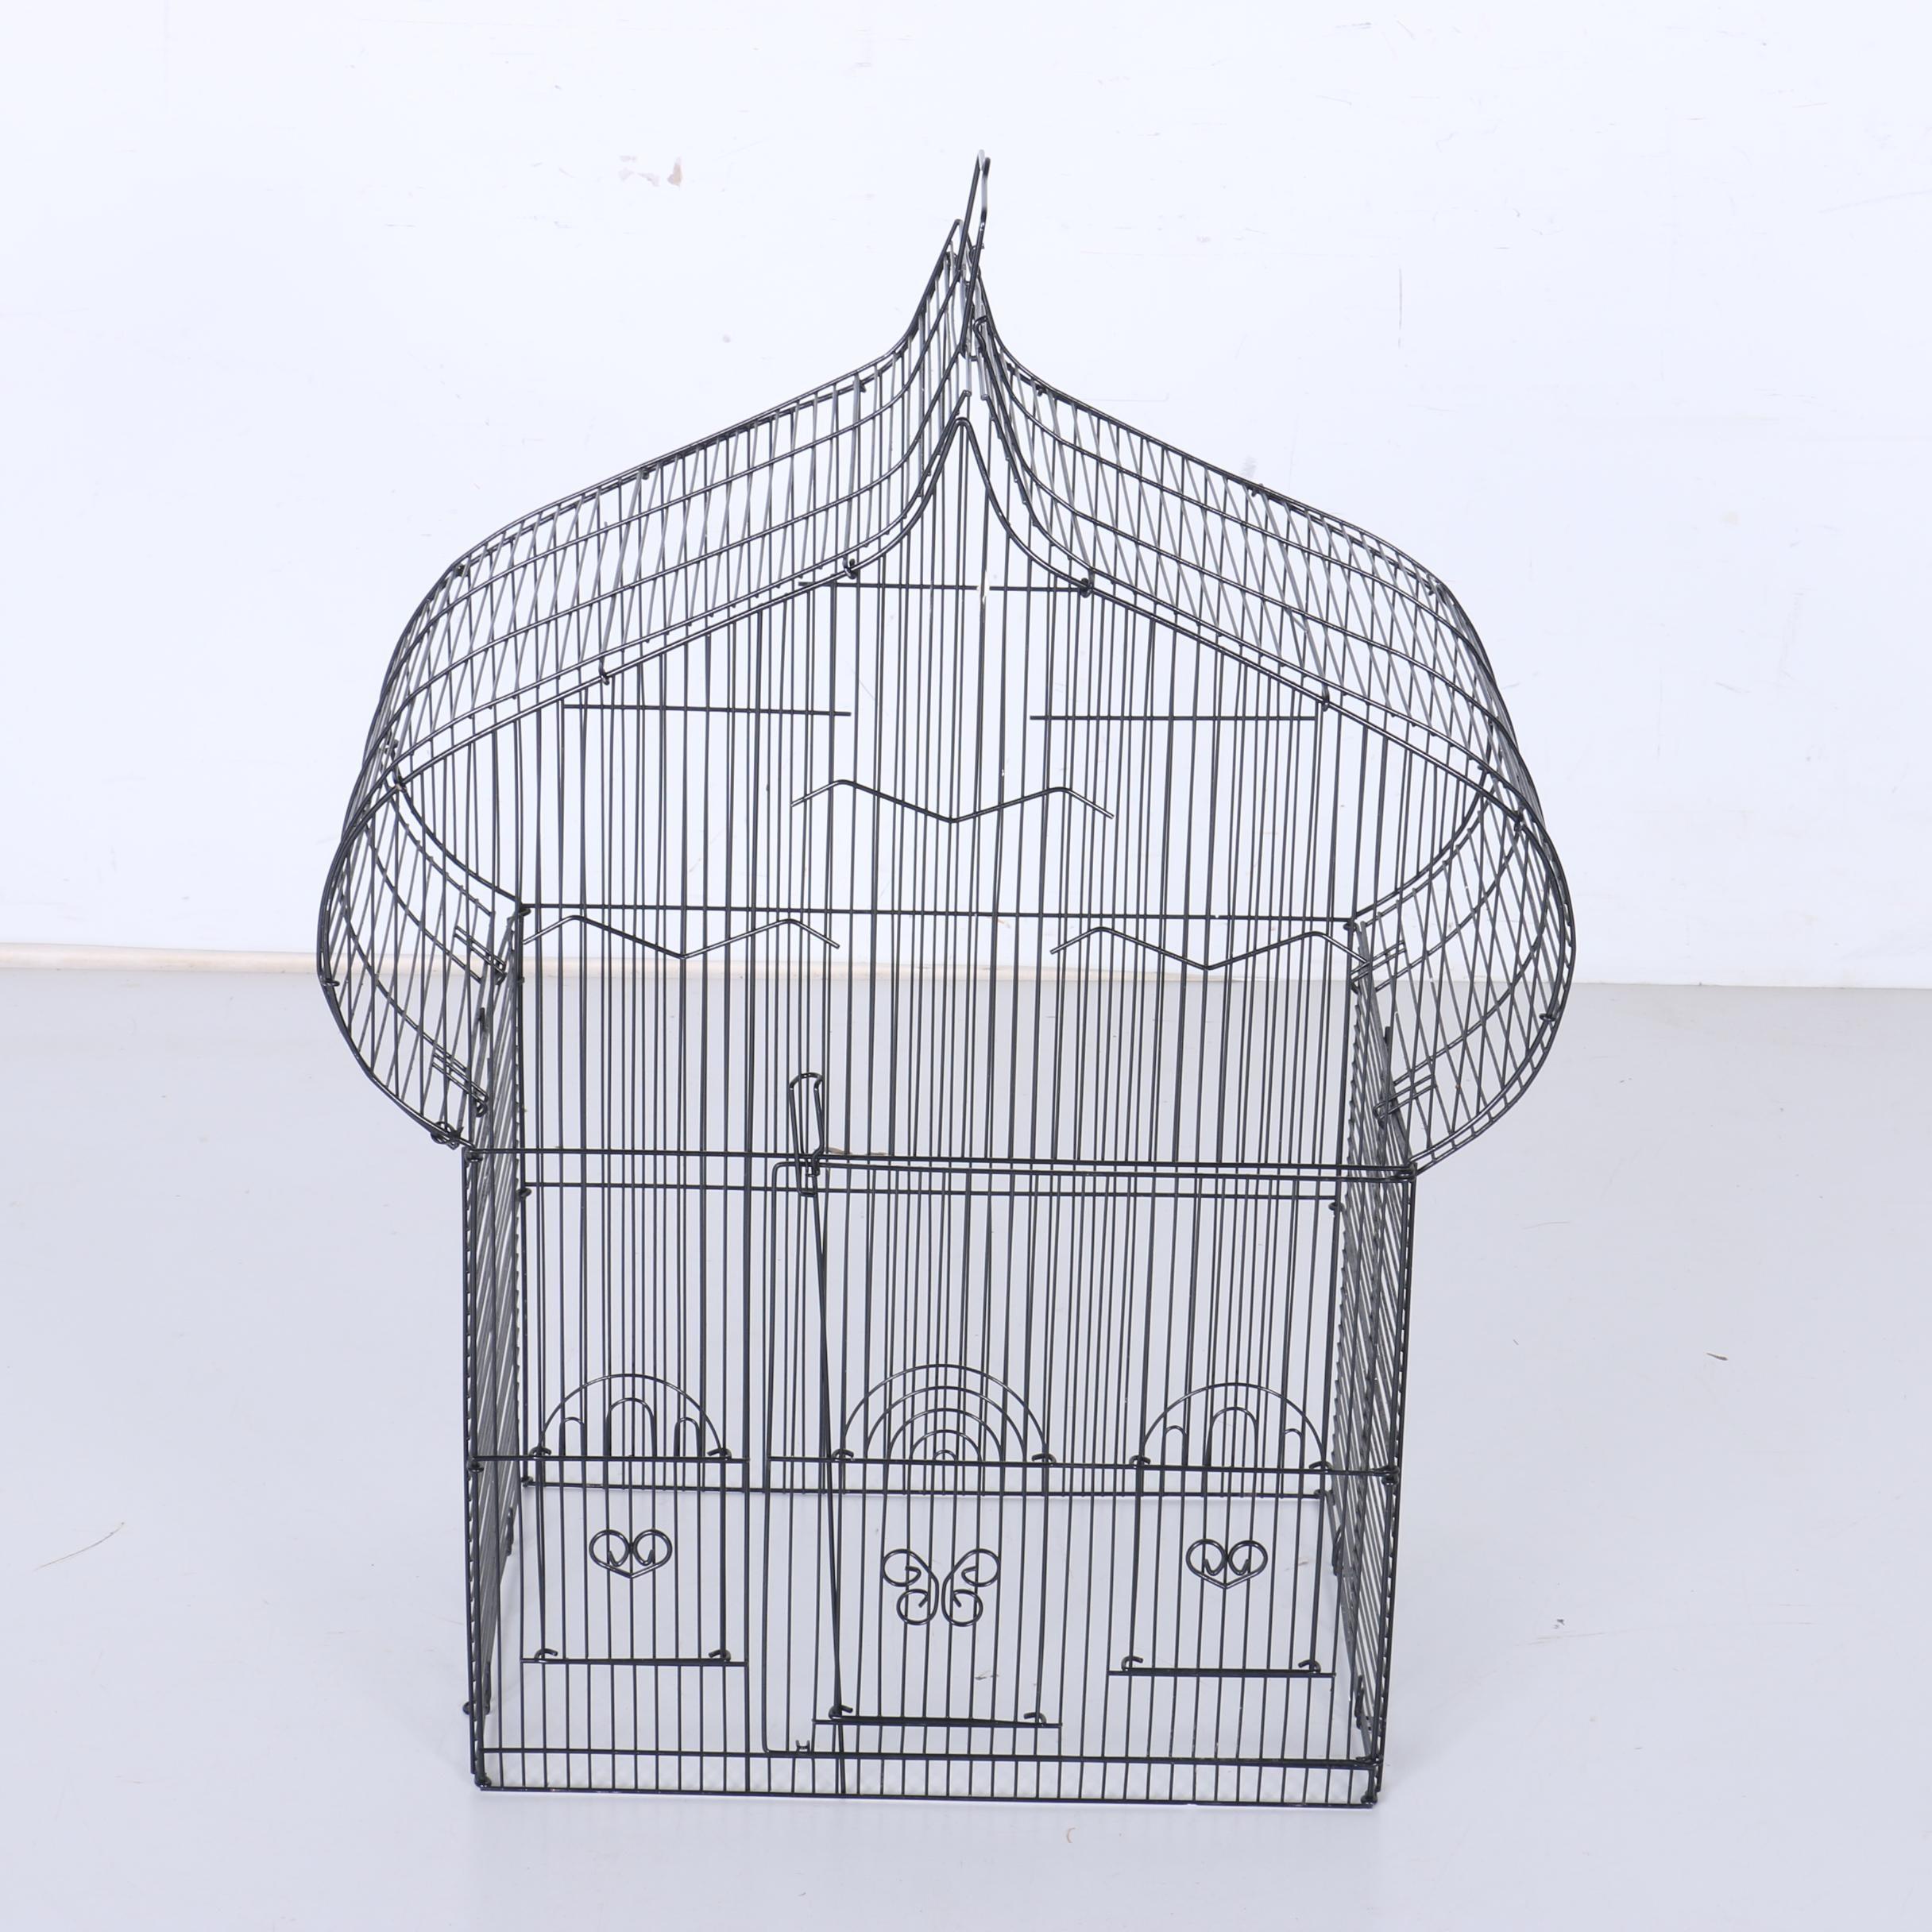 Black Wire Bird Cage